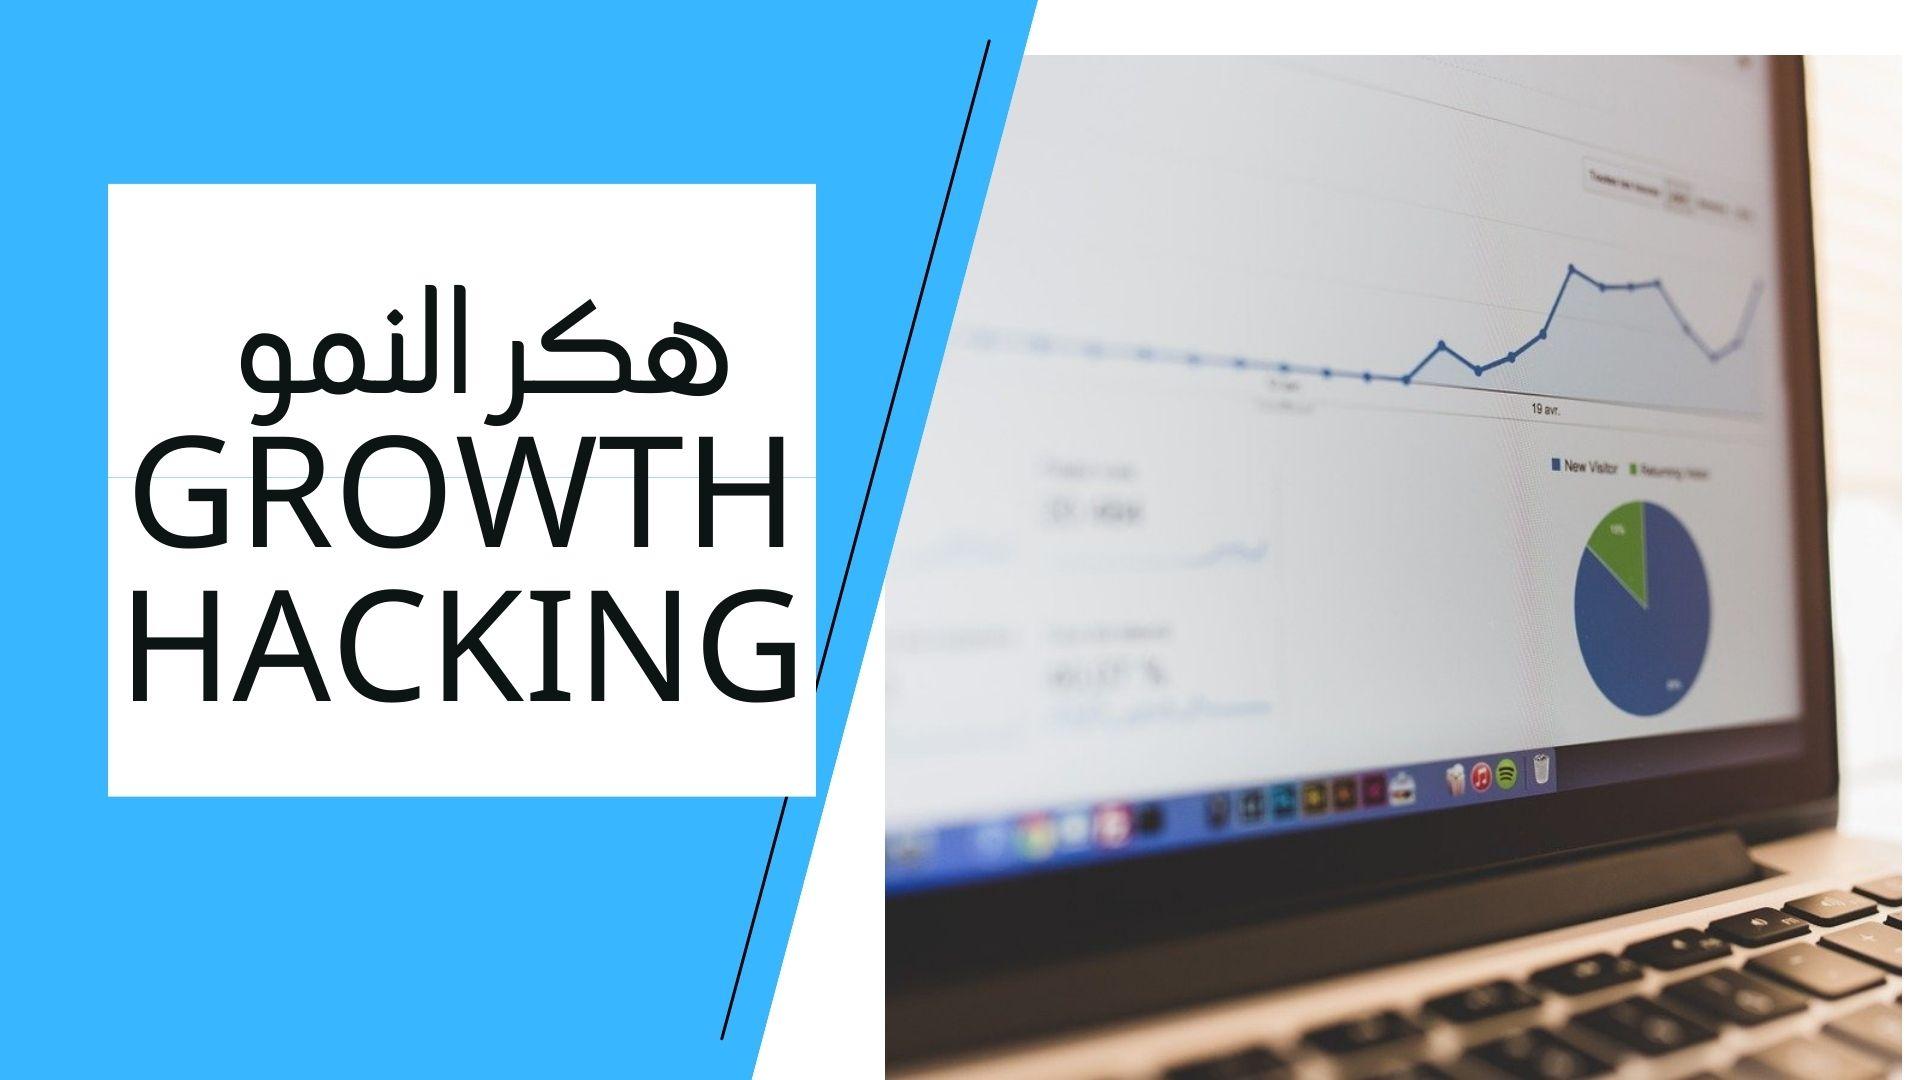 أفضل 10 دورات وكورسات تدريبية وشهادة في هكر النمو  Growth Hacking [2021 محدث]